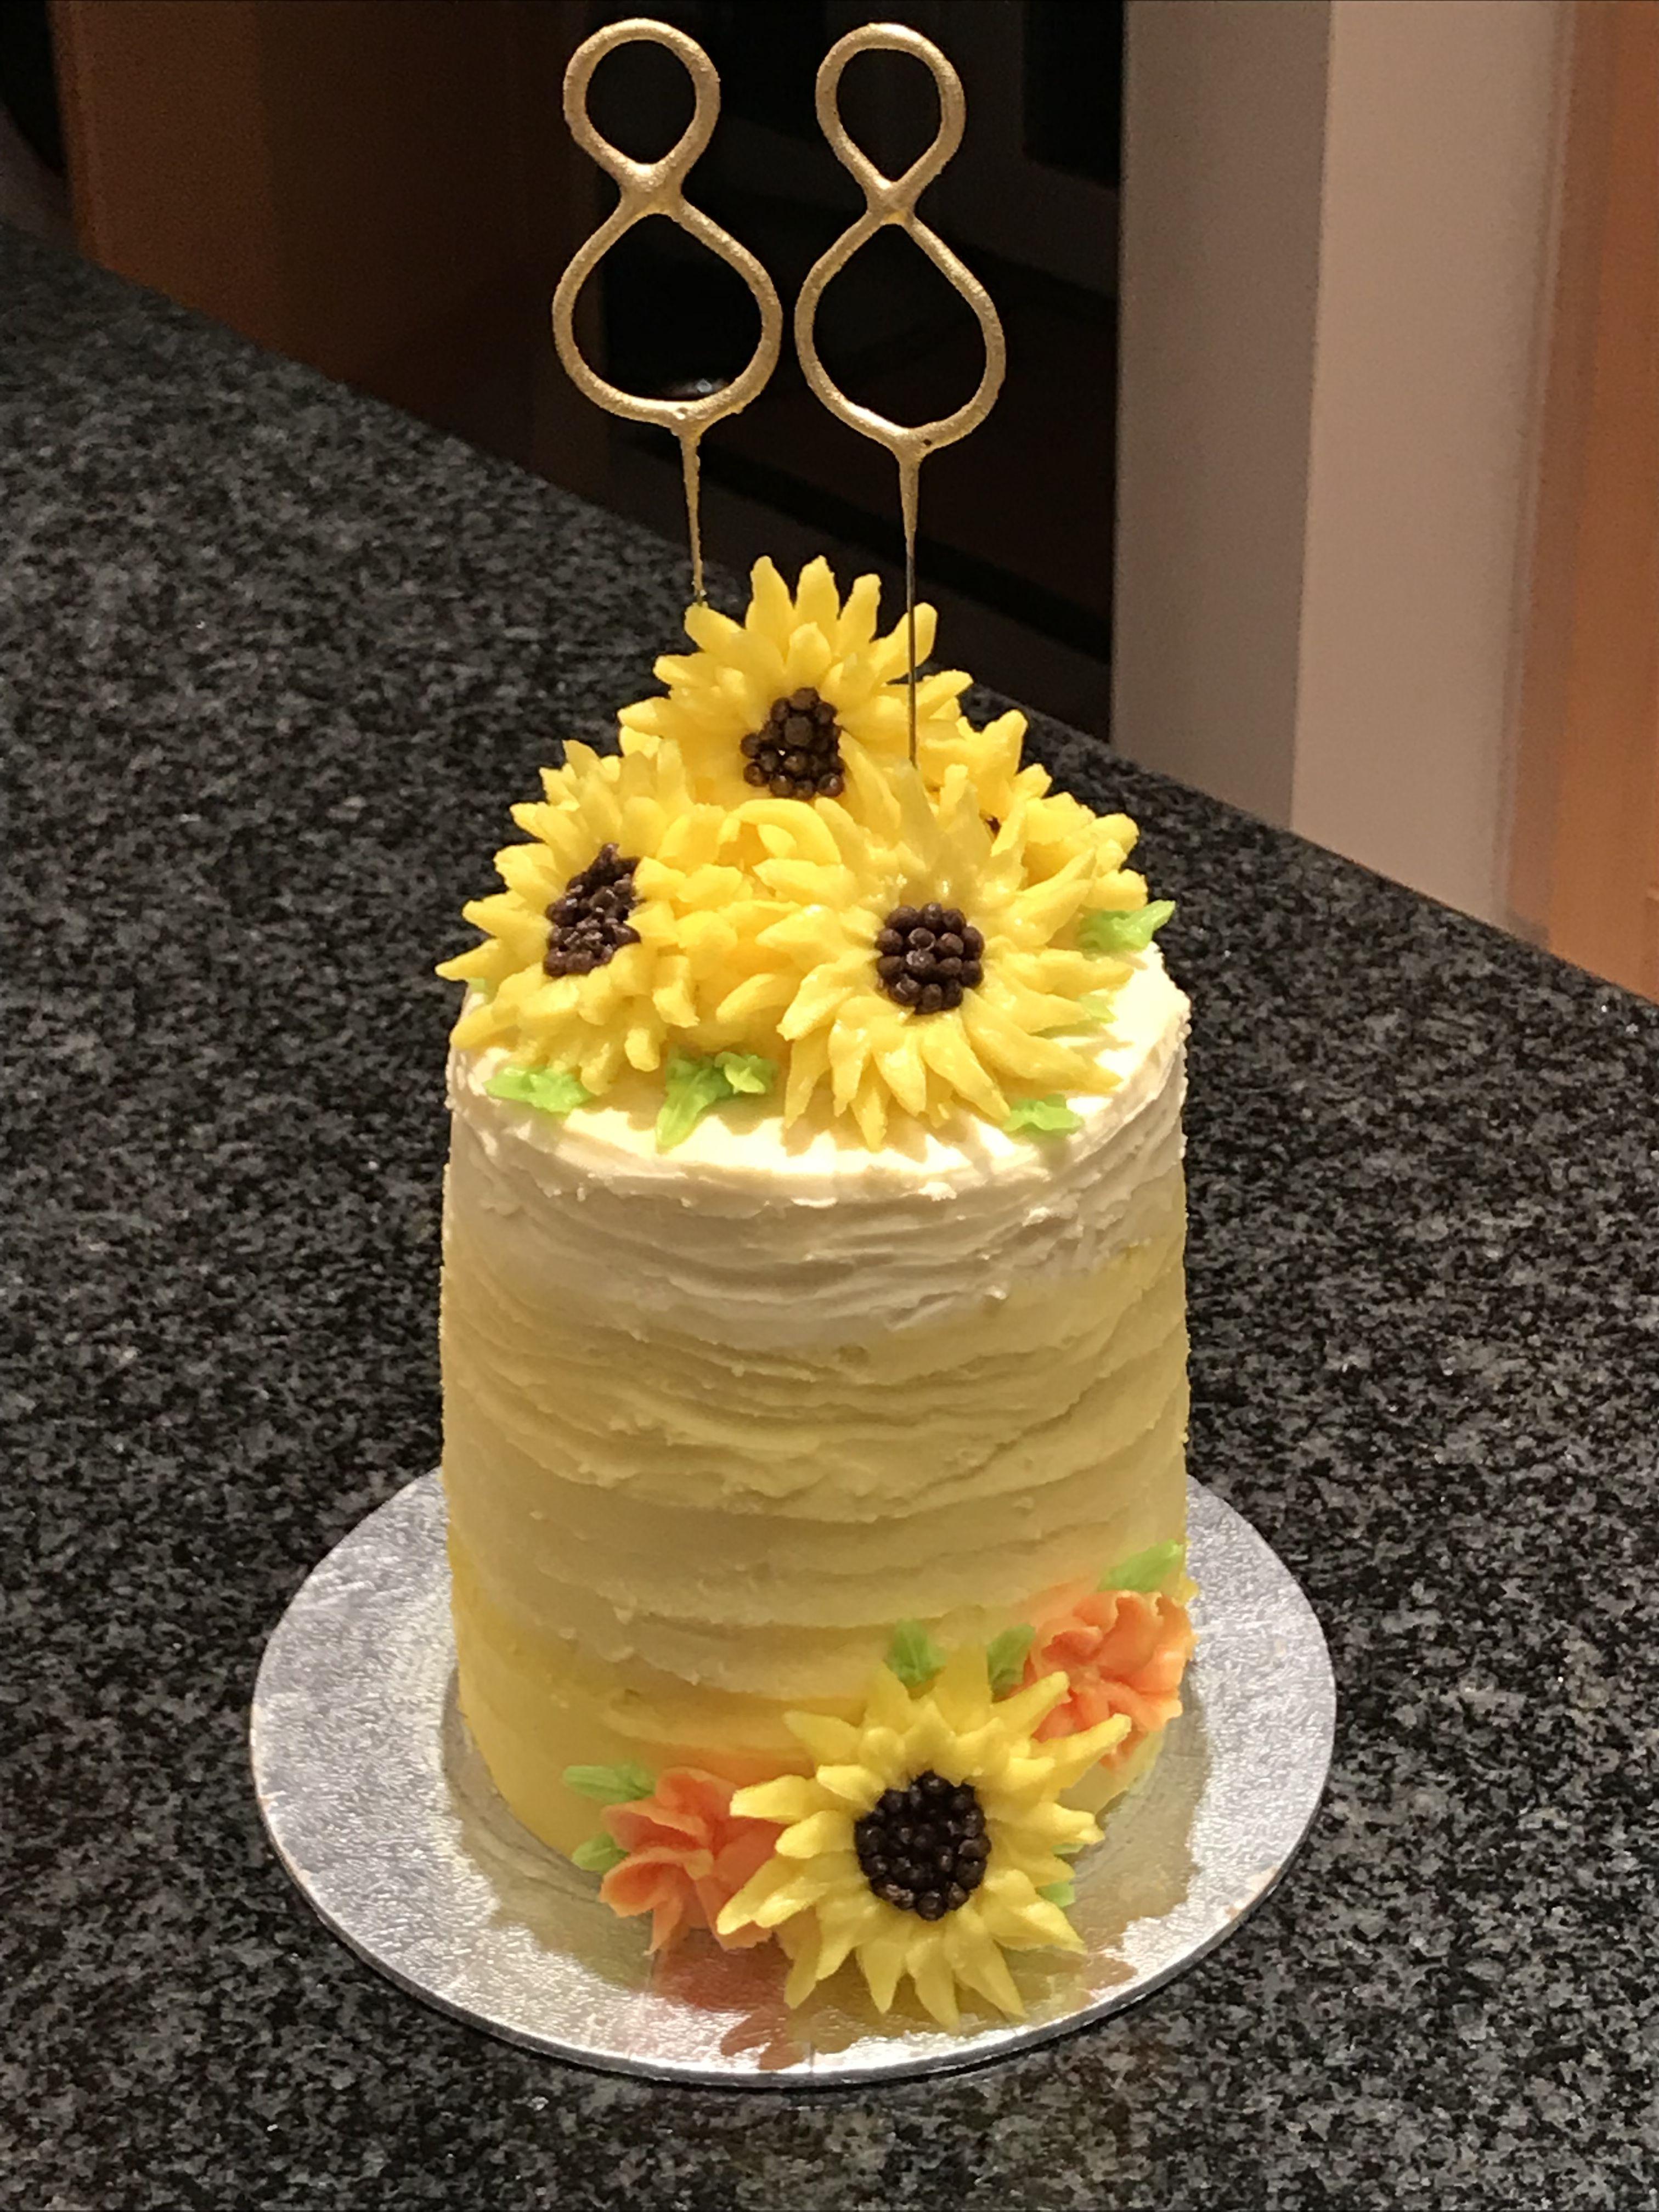 Sunflower birthday cake | Cake decorating, Sunflower ...